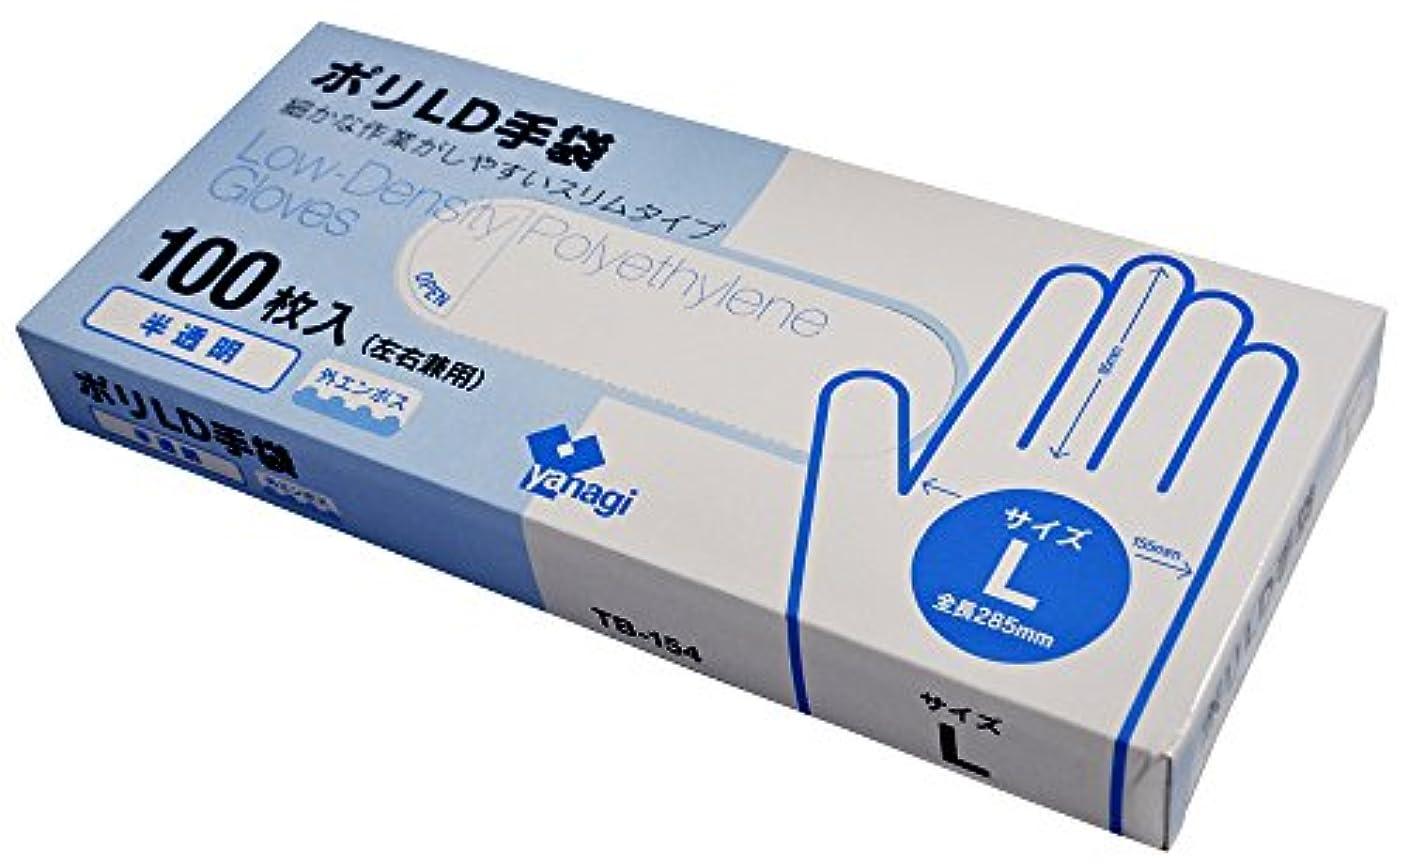 スリラー征服トムオードリース使い捨て ポリLD手袋 半透明 左右兼用 Lサイズ 100枚入 食品衛生法規格基準適合品 TB-154